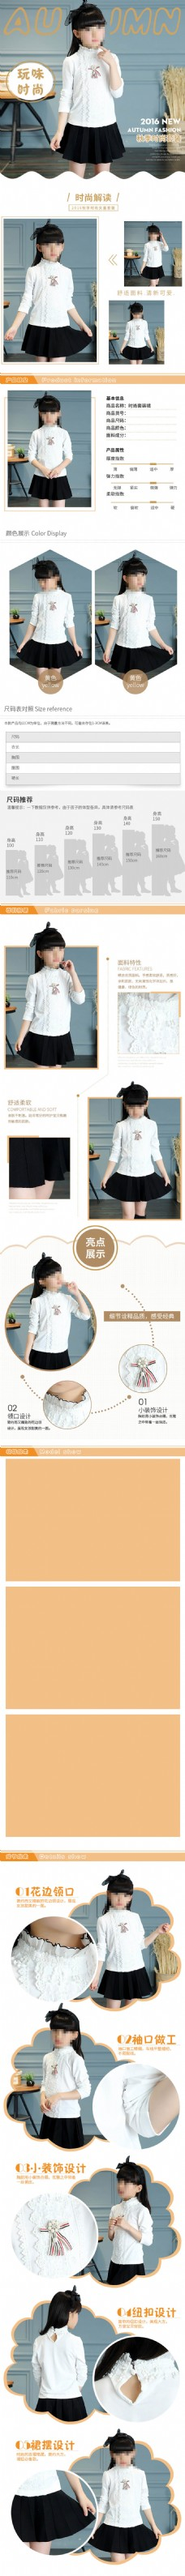 女童套装裙详情模板